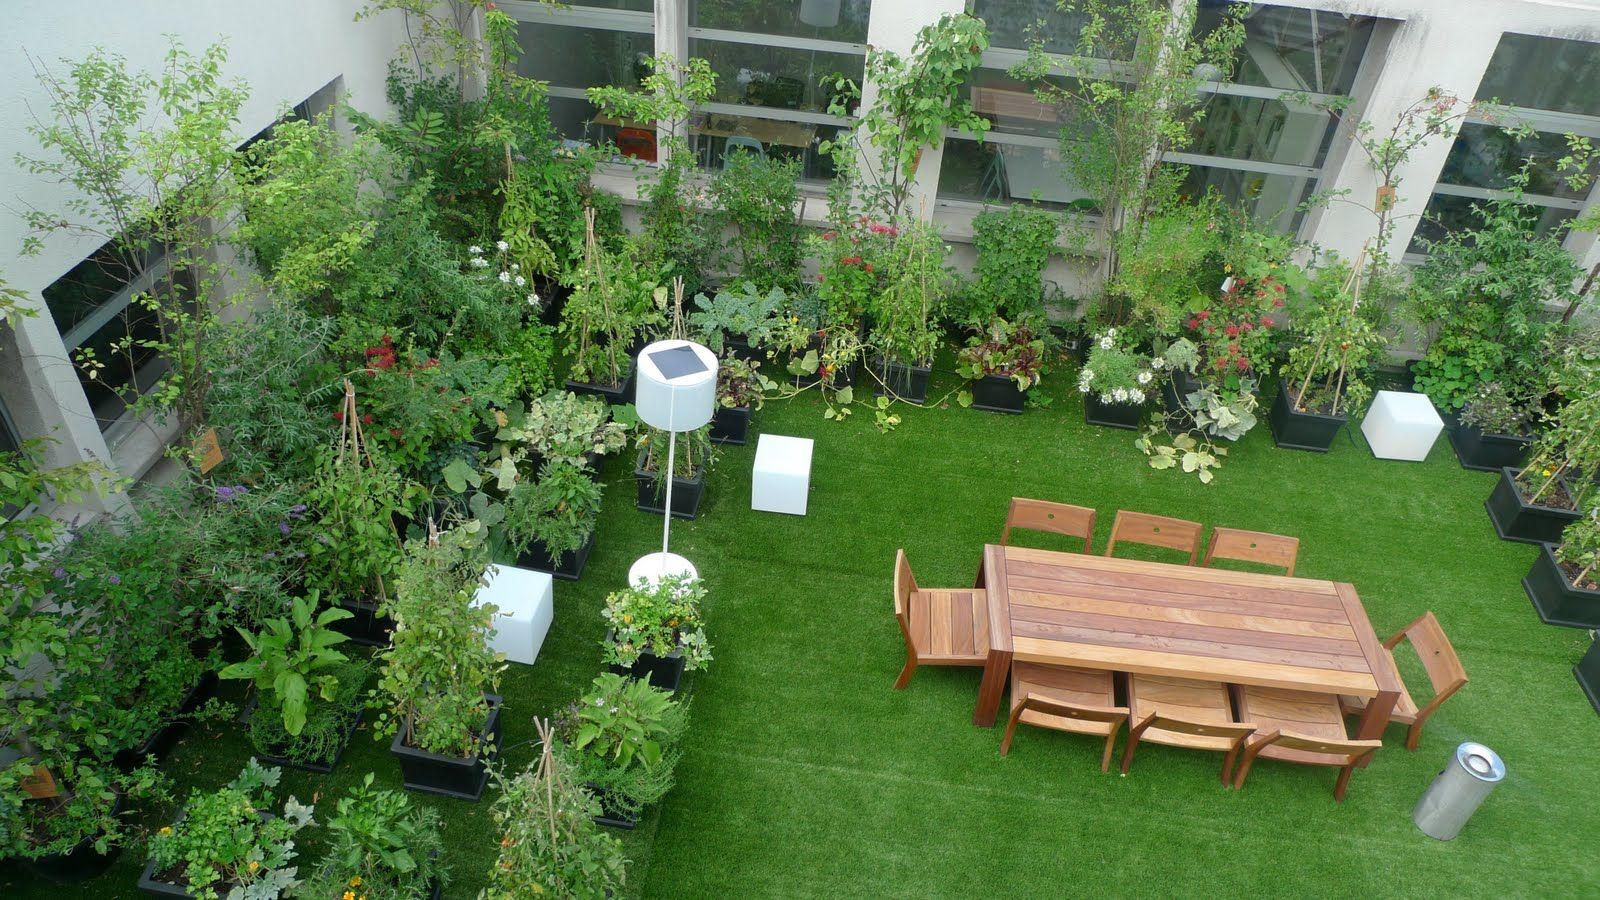 Rooftop Garden In 2020 Roof Garden Design Rooftop Garden Backyard Garden Design